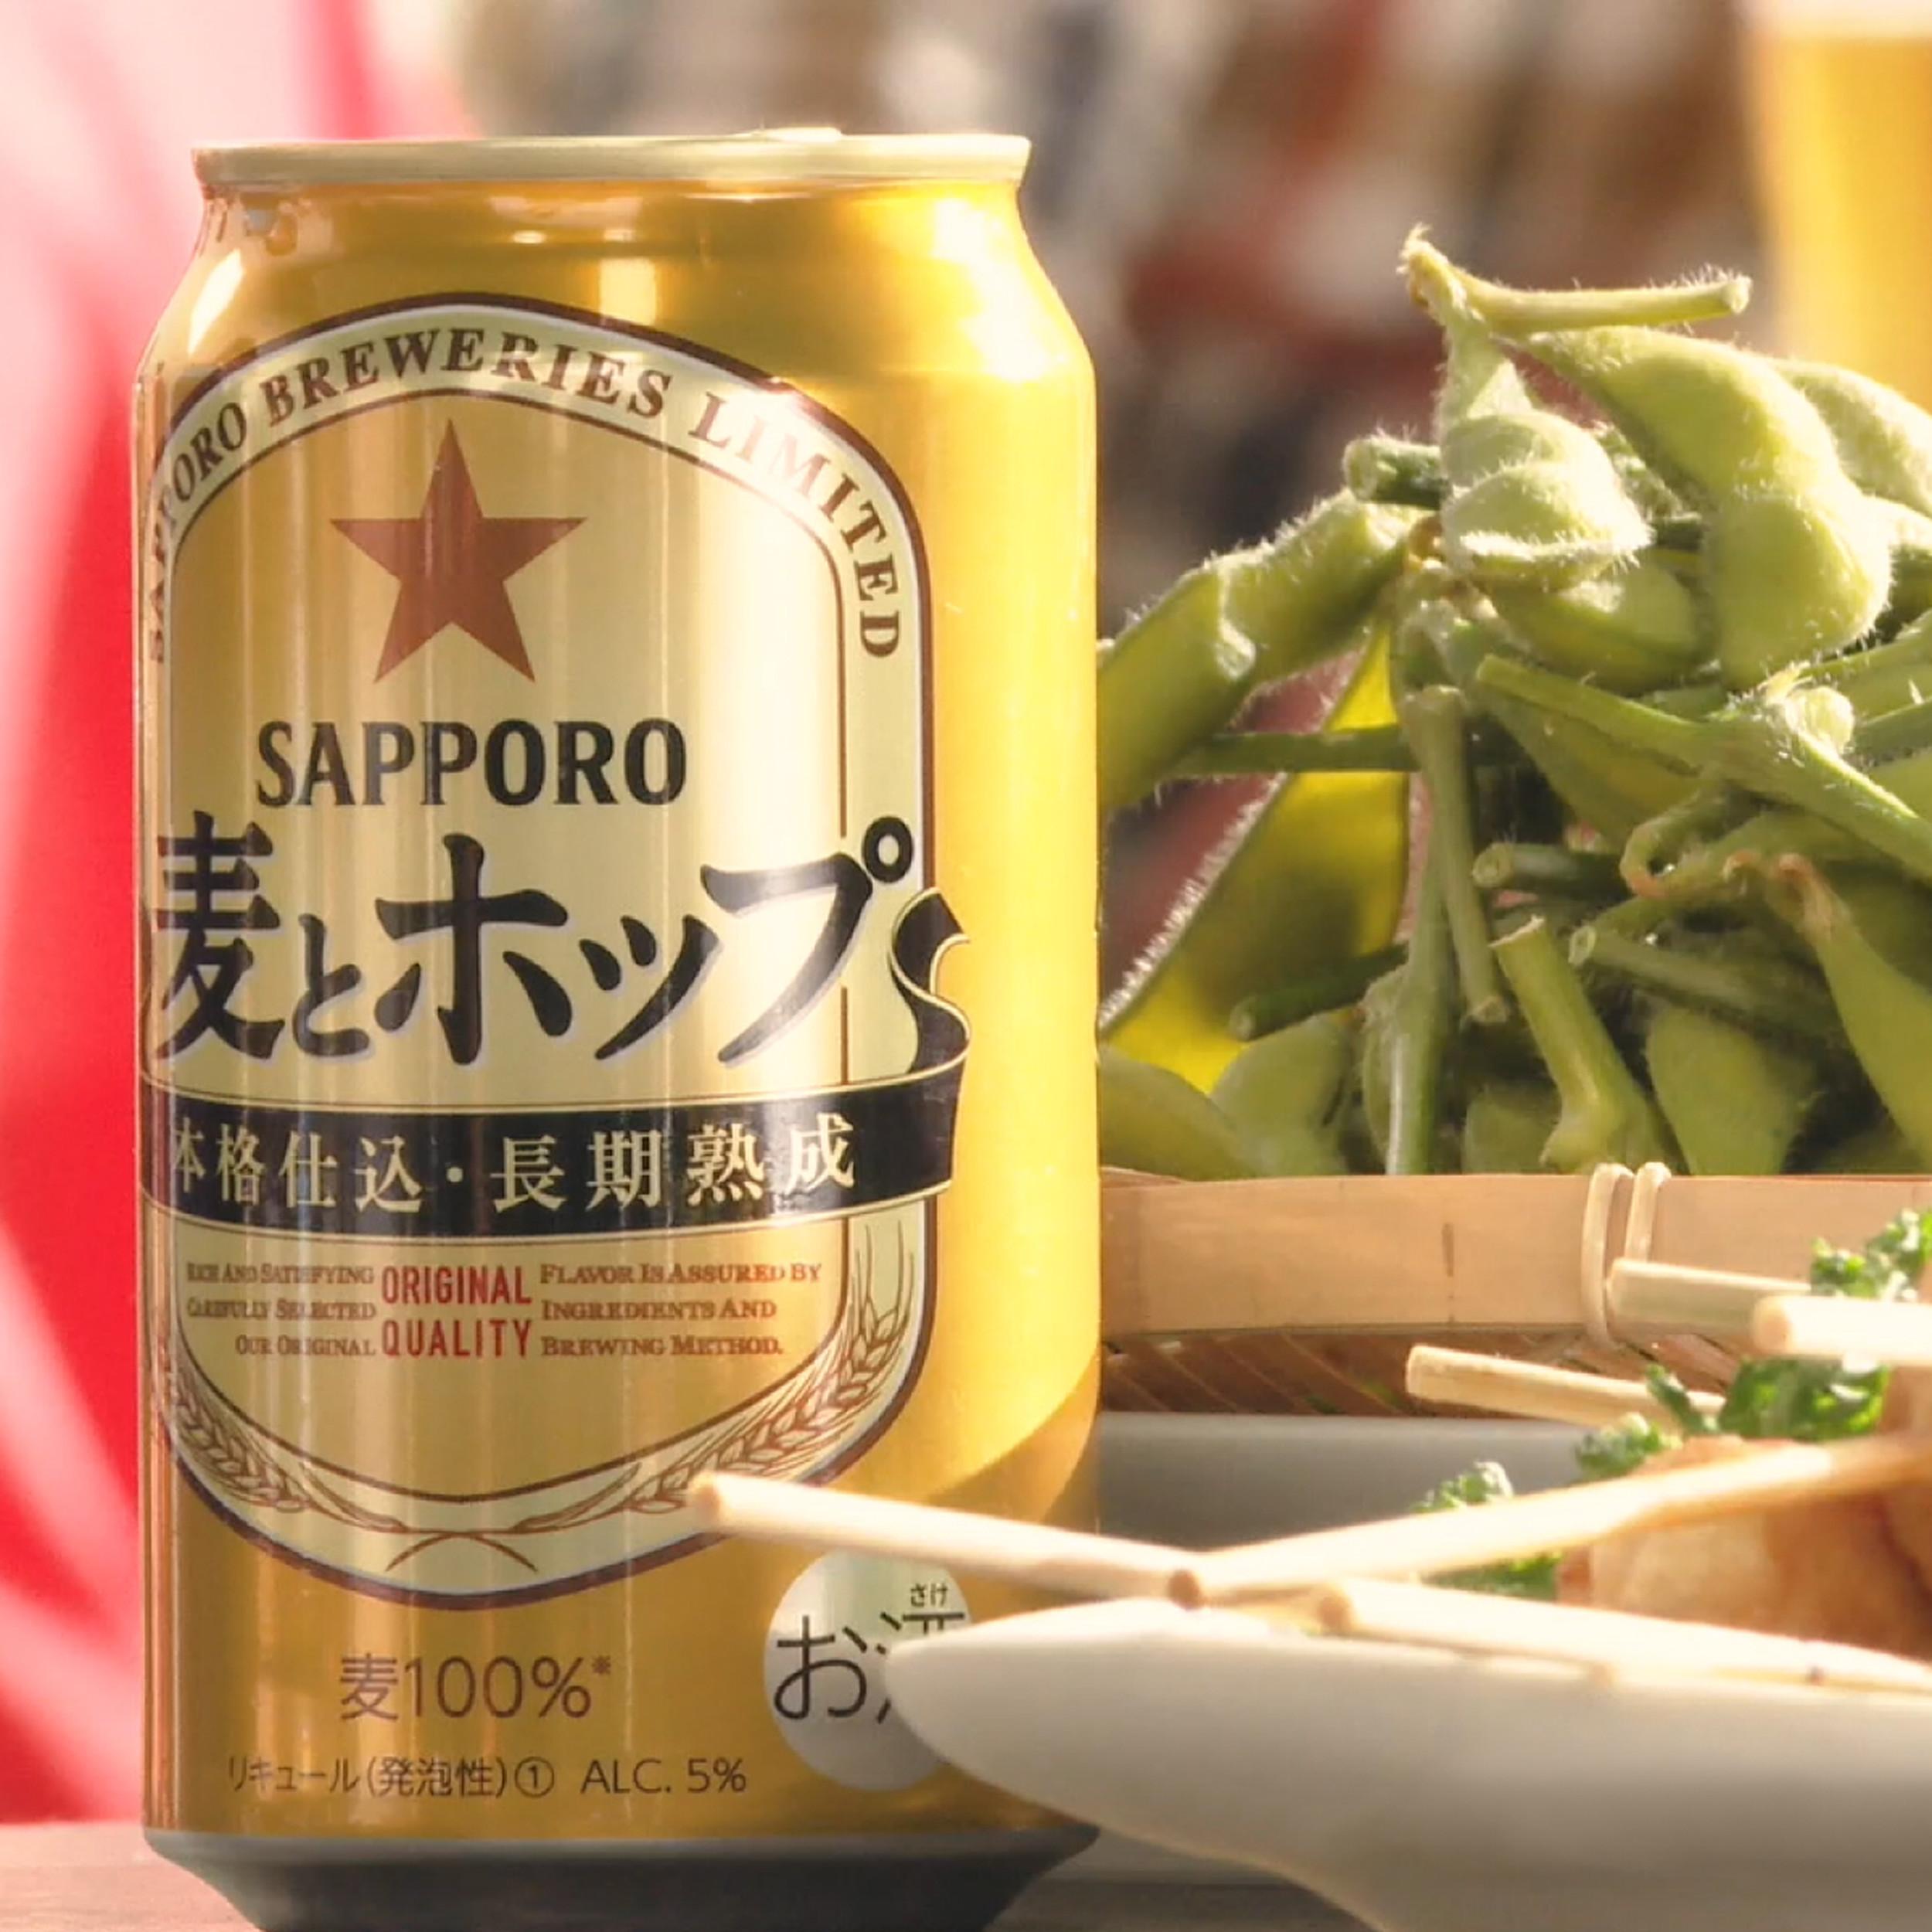 02_CHEERUP_bannar_1600x1200_晩酌.jpg